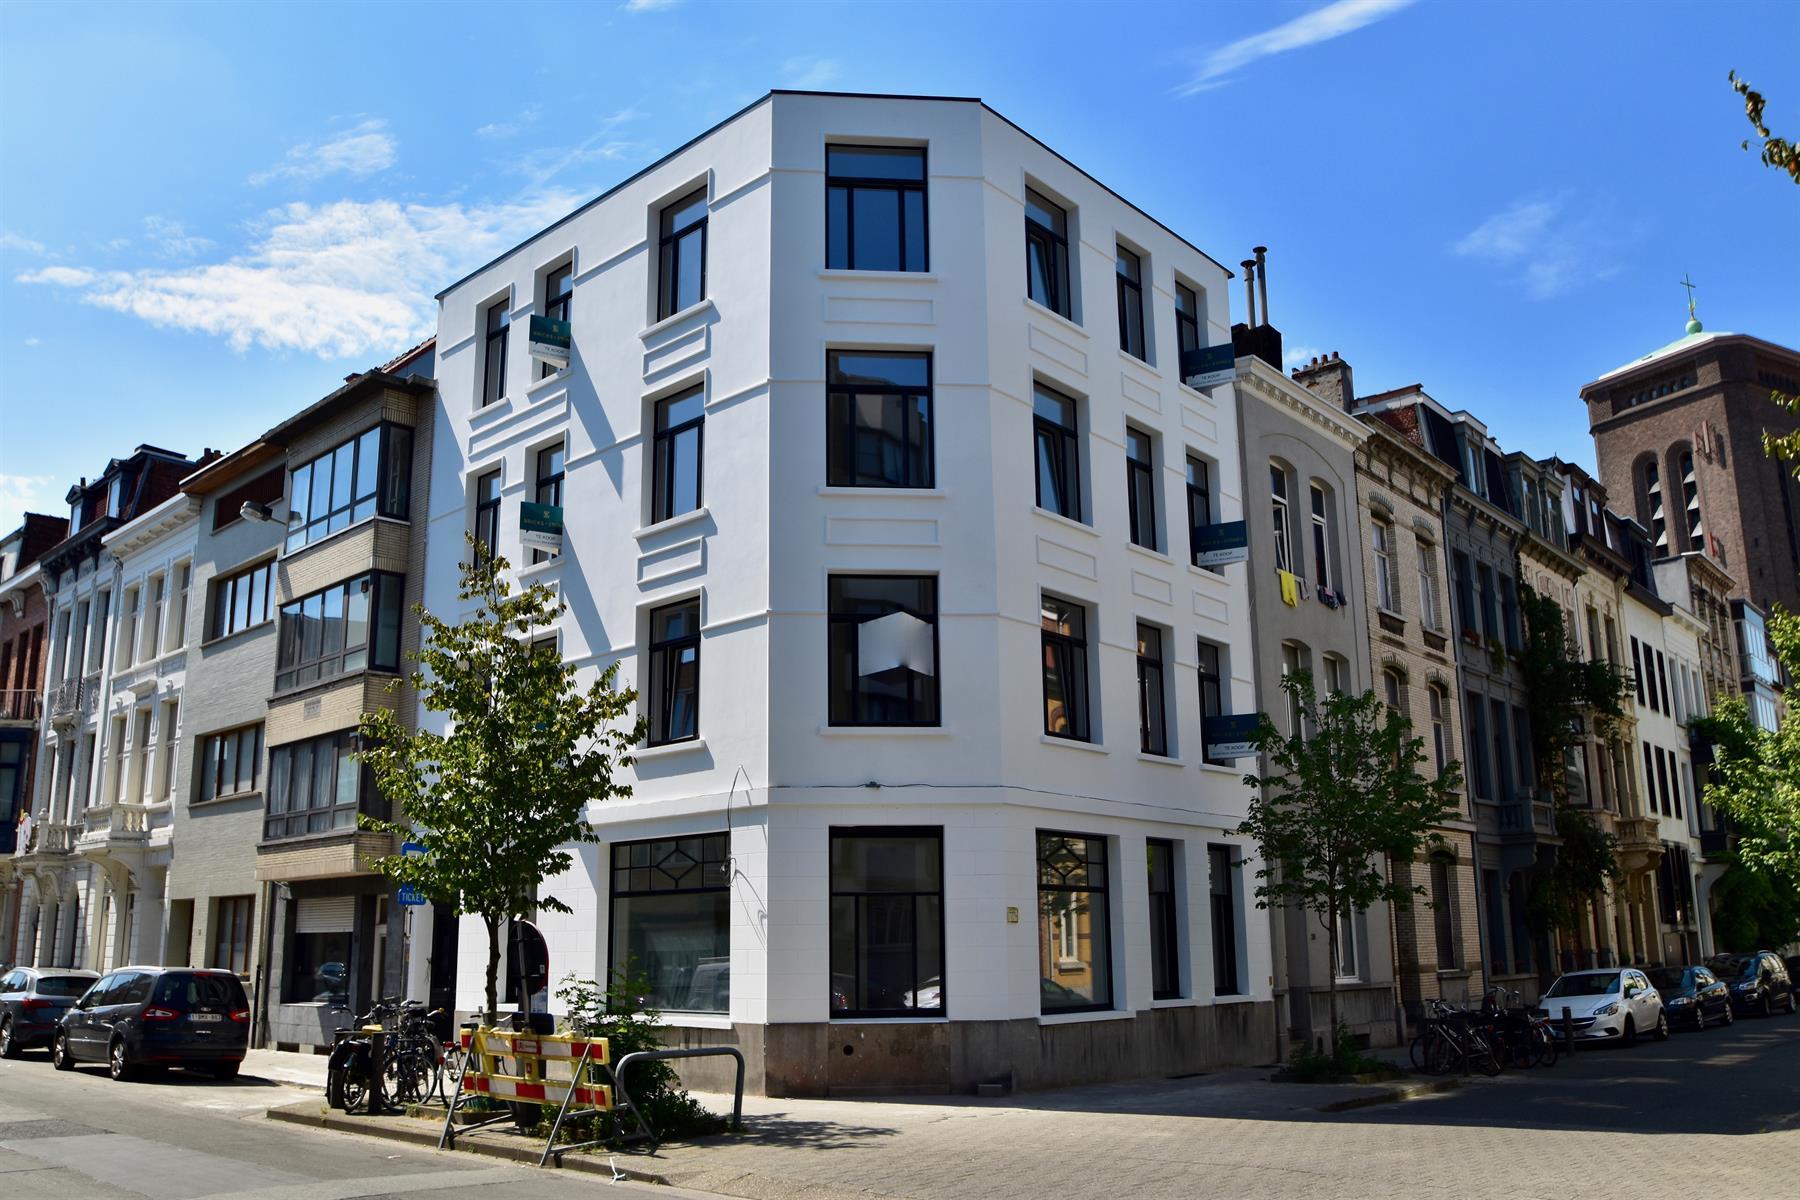 Makelaarskantoor De Meester, Appartement|Appartement te 2140 Antwerpen